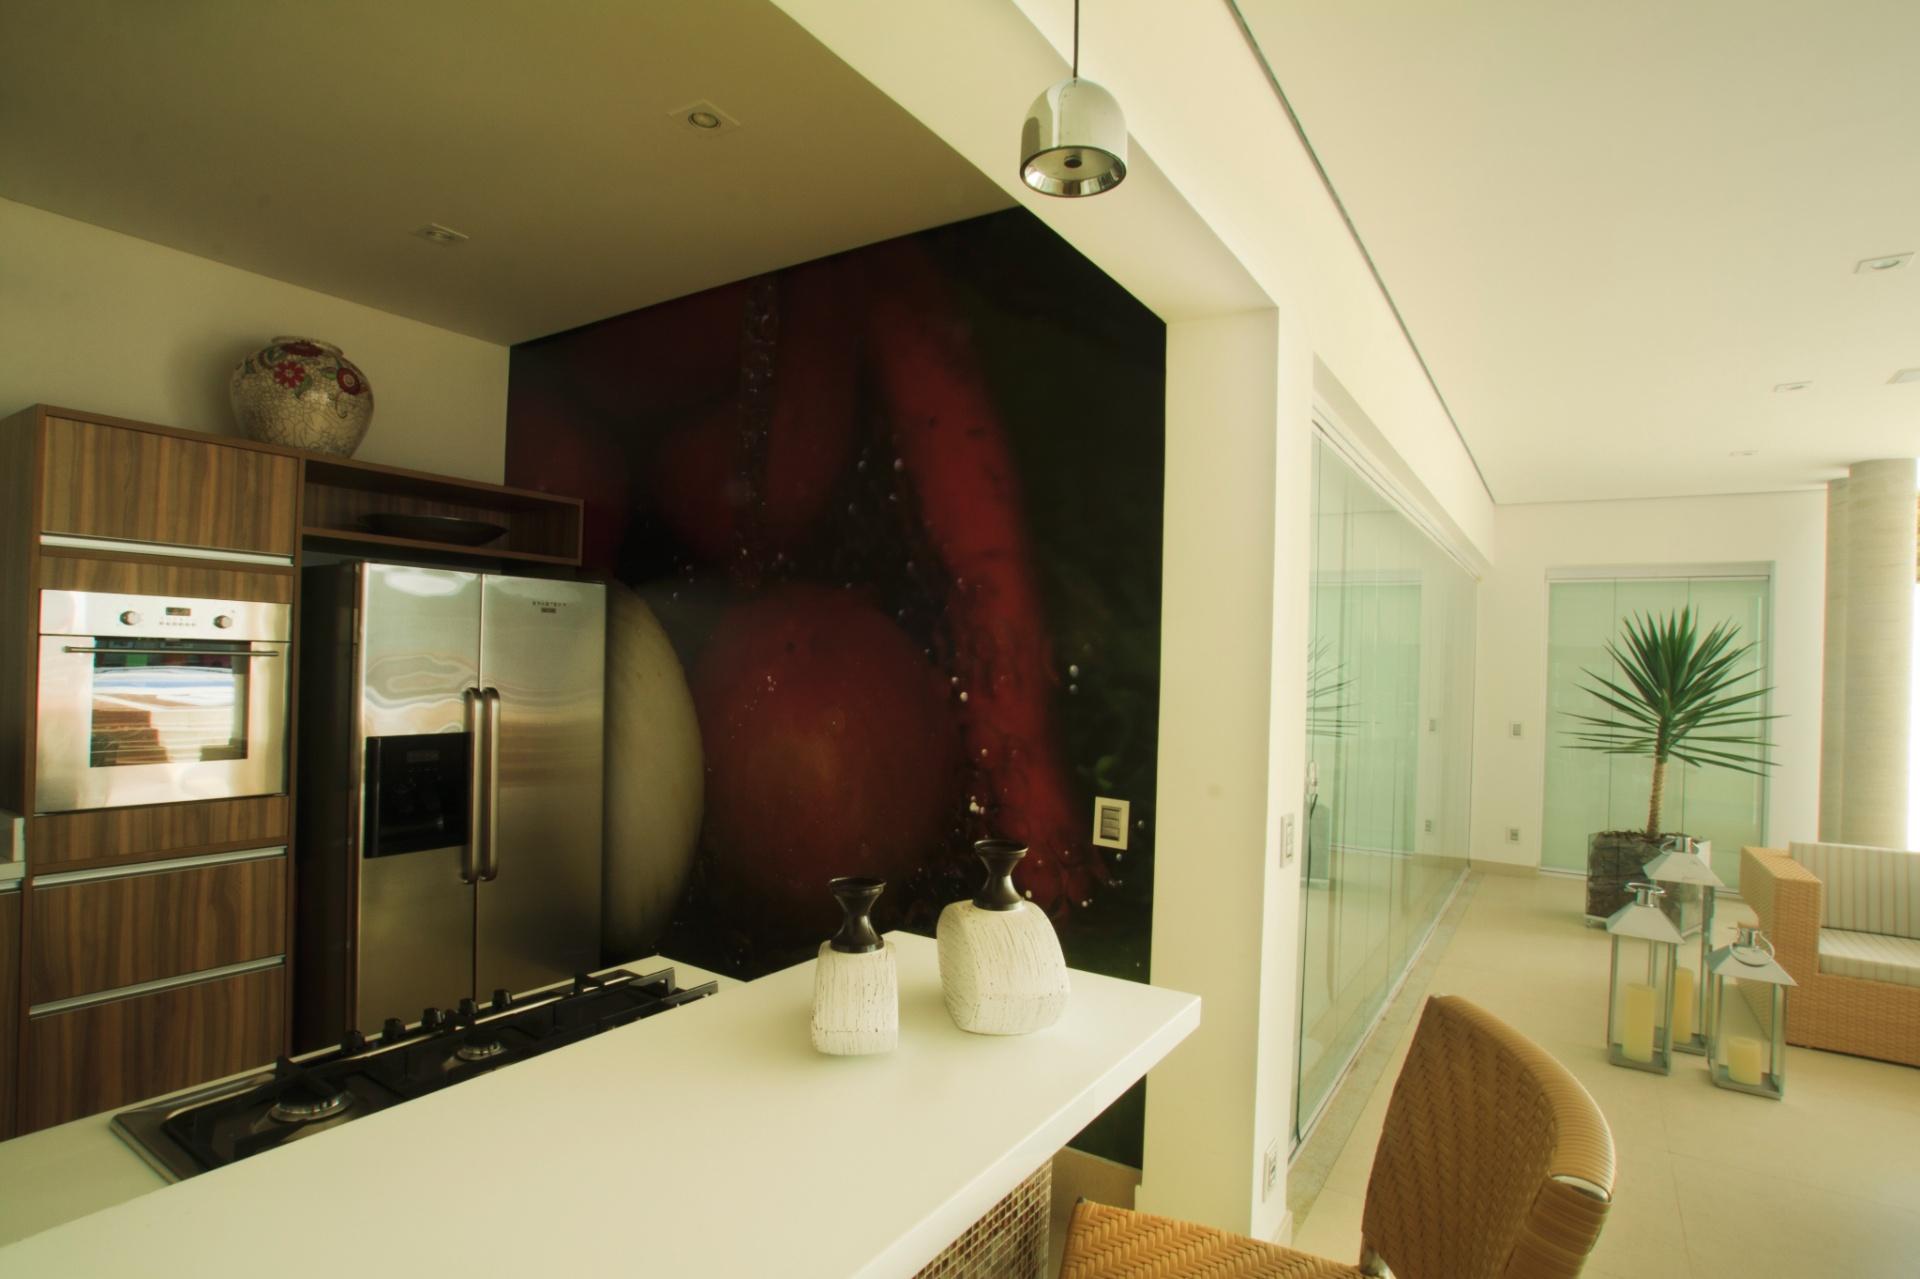 No detalhe da ampla varanda gourmet, desenhada pela arquiteta Cristiane Schiavoni, a cozinha com cooktop, refrigerador e forno embutido oferece boa base para a preparação de refeições completas